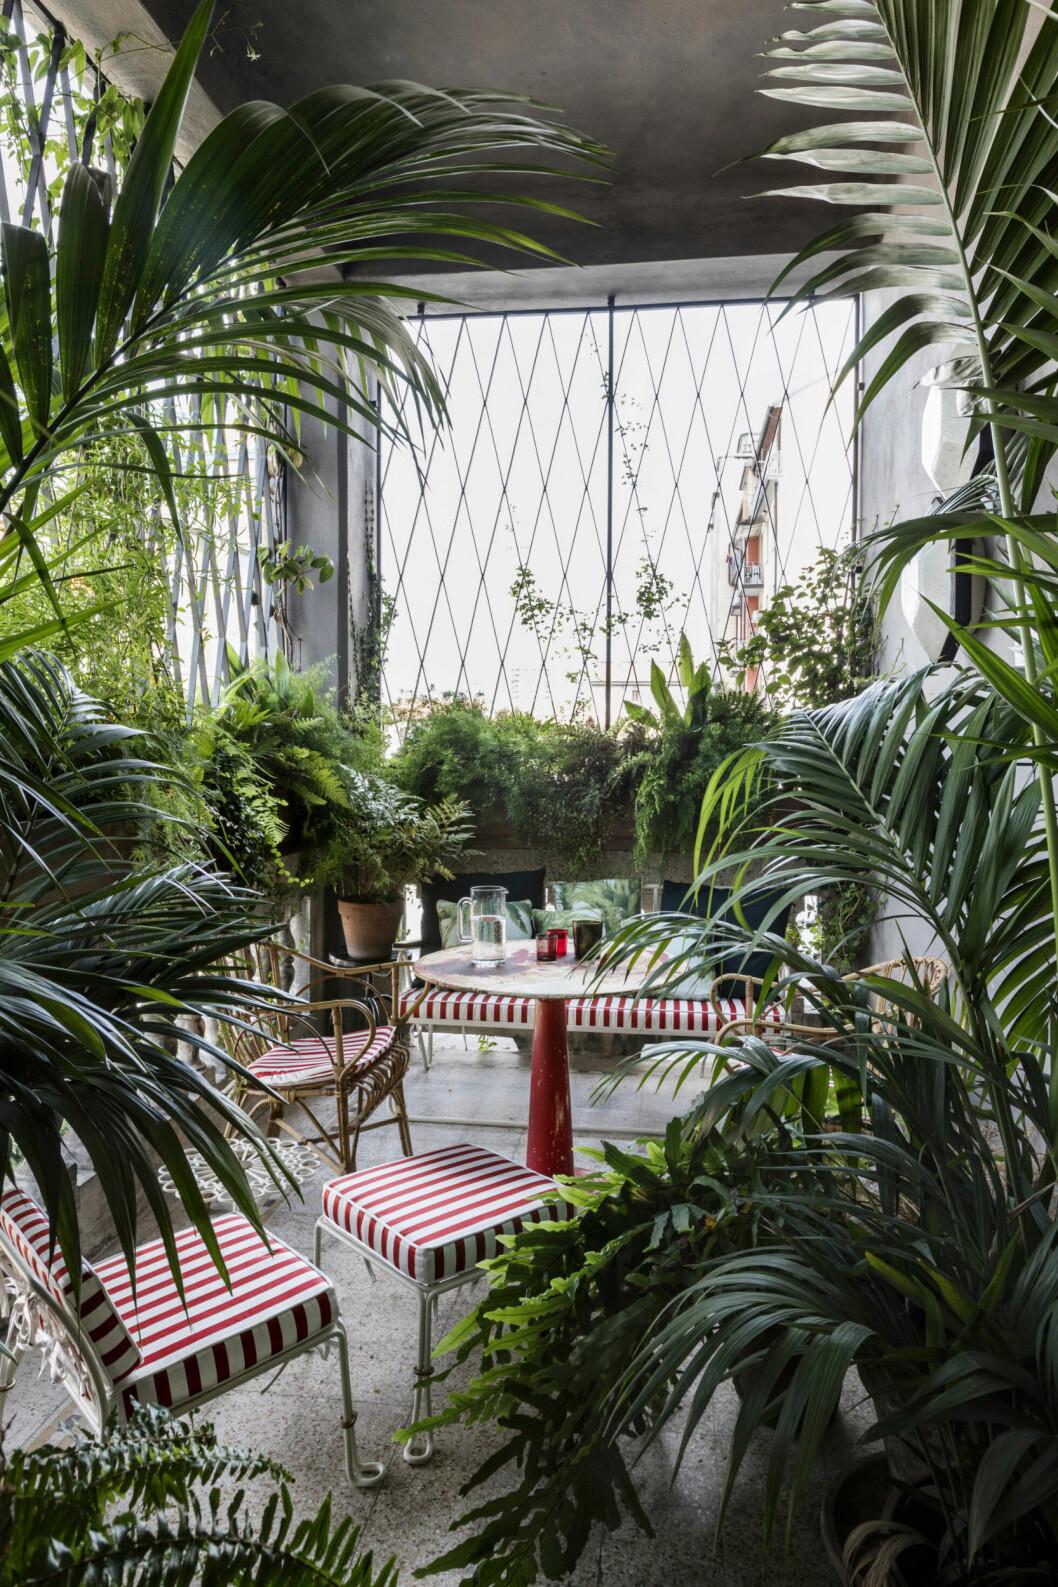 Mängder av växter i rummet som ser ut som en djungel